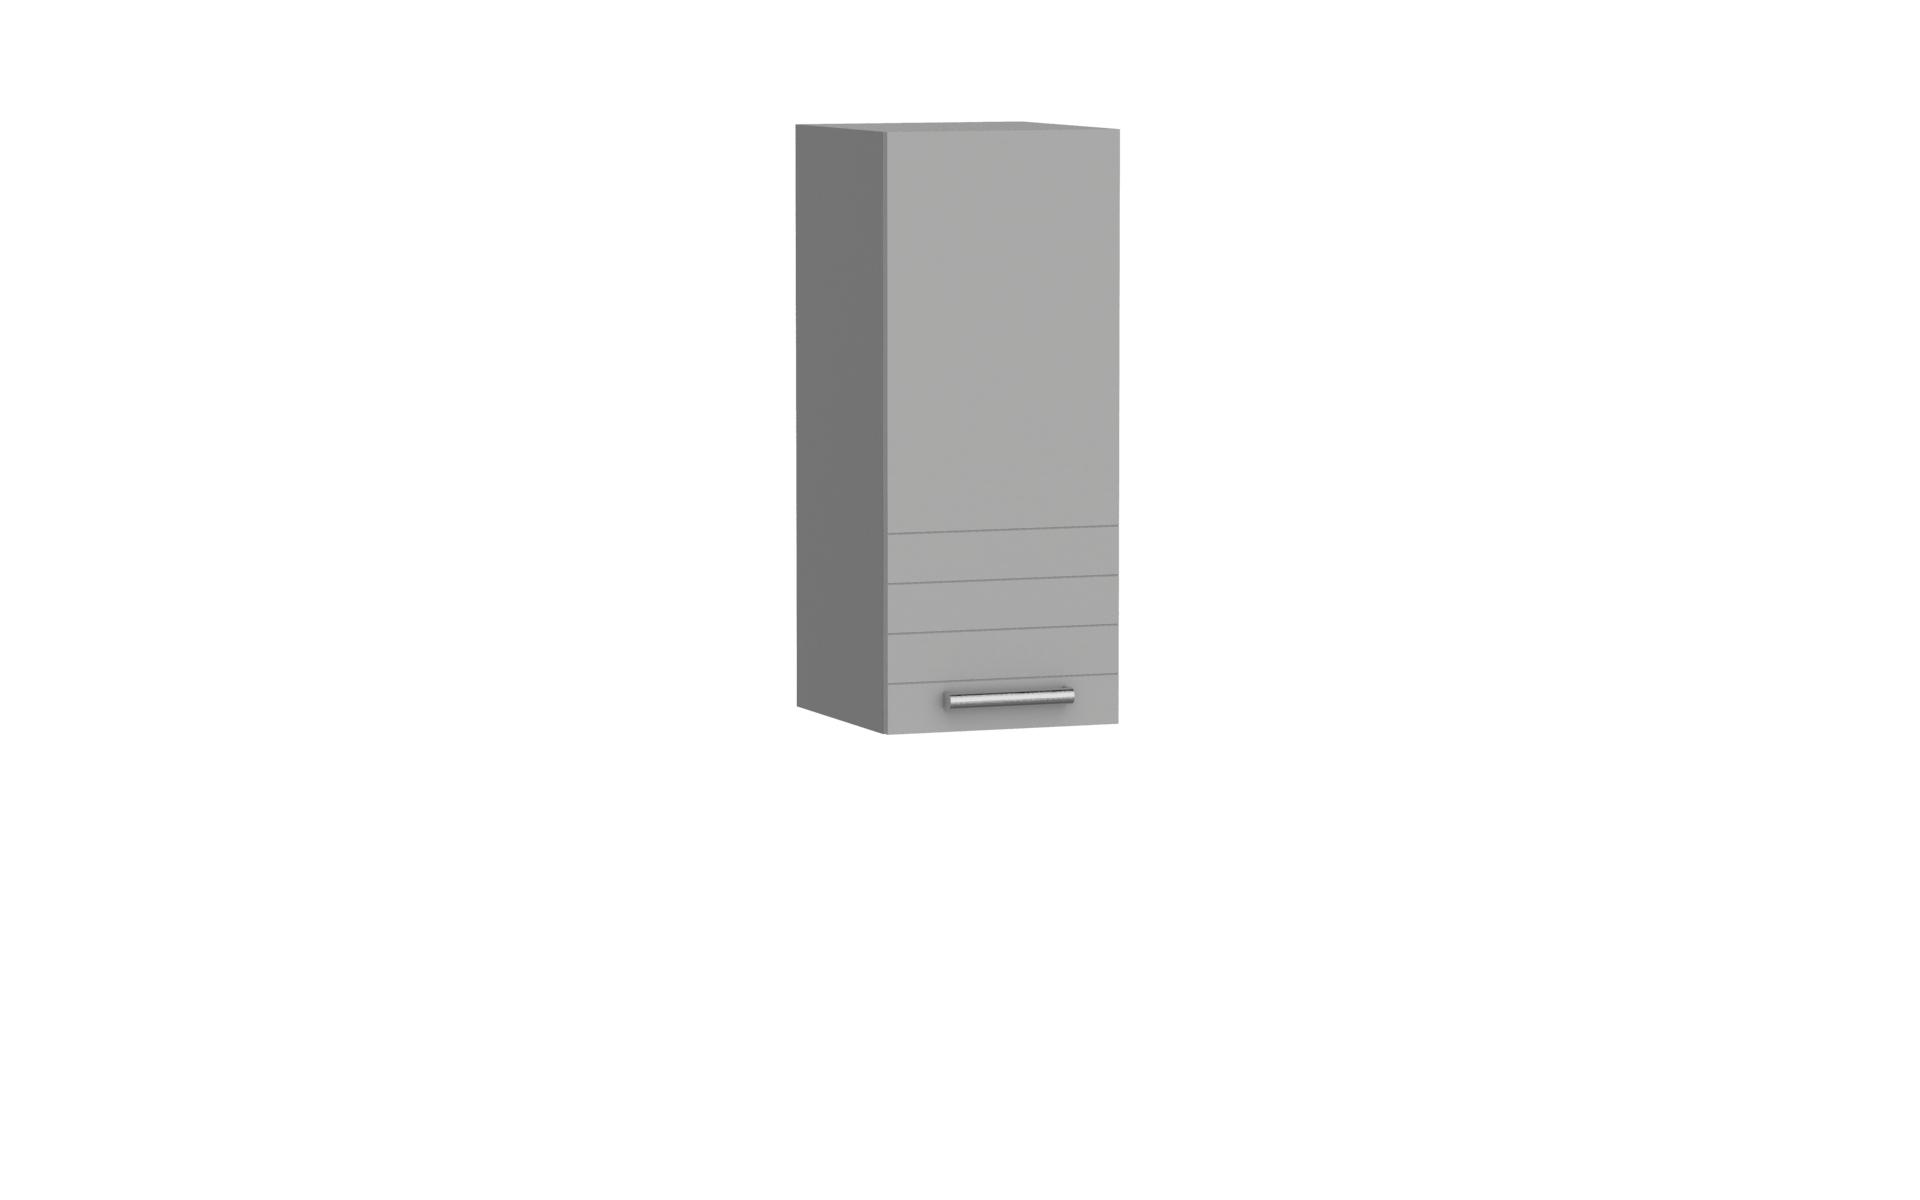 Oberschrank 40 cm / 72 cm Paula Grau